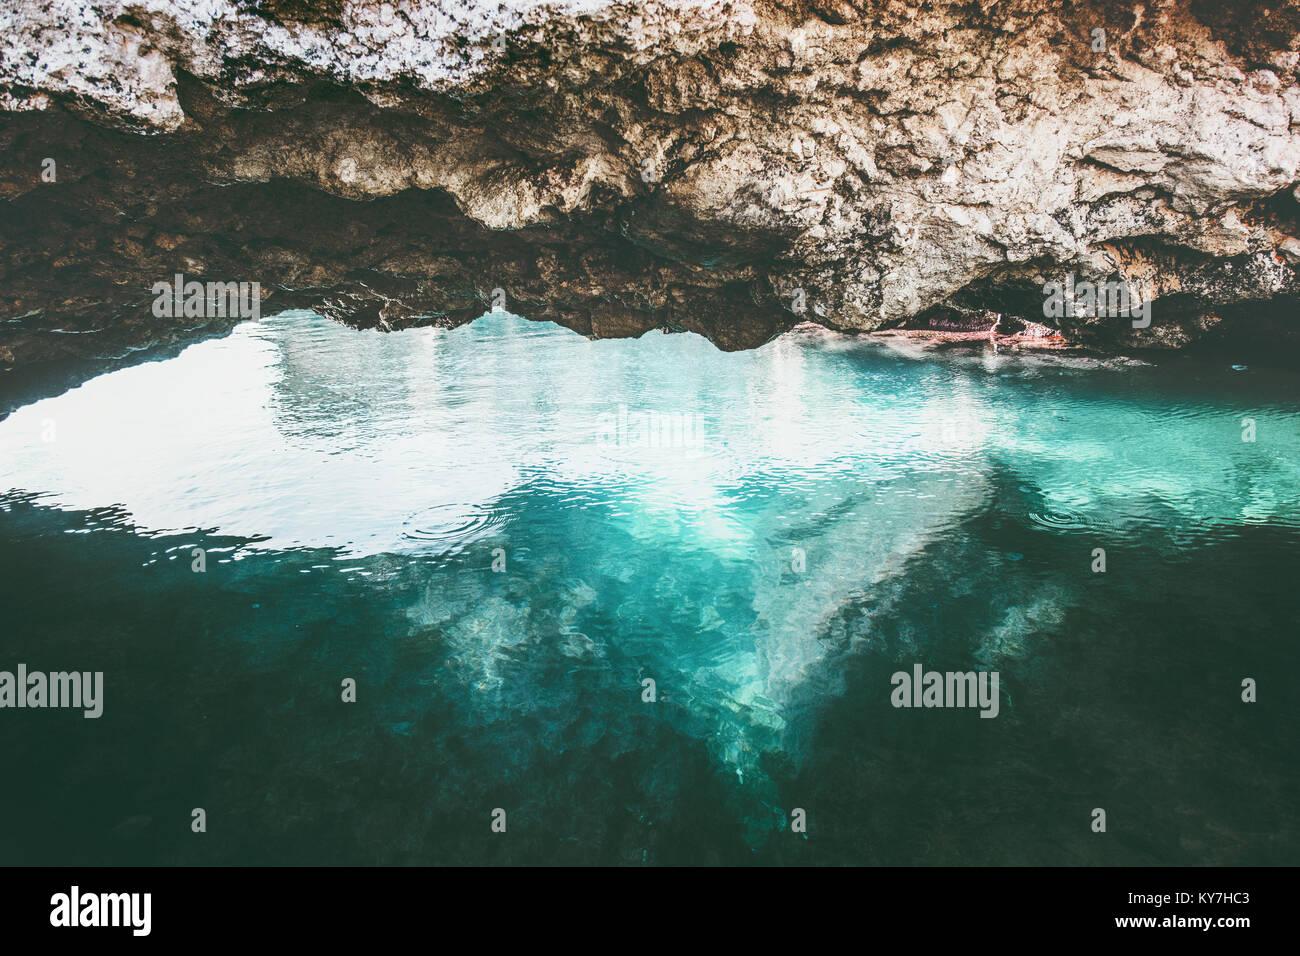 El azul del mar y el paisaje cueva rocosa calma y tranquilidad vista escénica vacaciones isla tropical de viajes Imagen De Stock